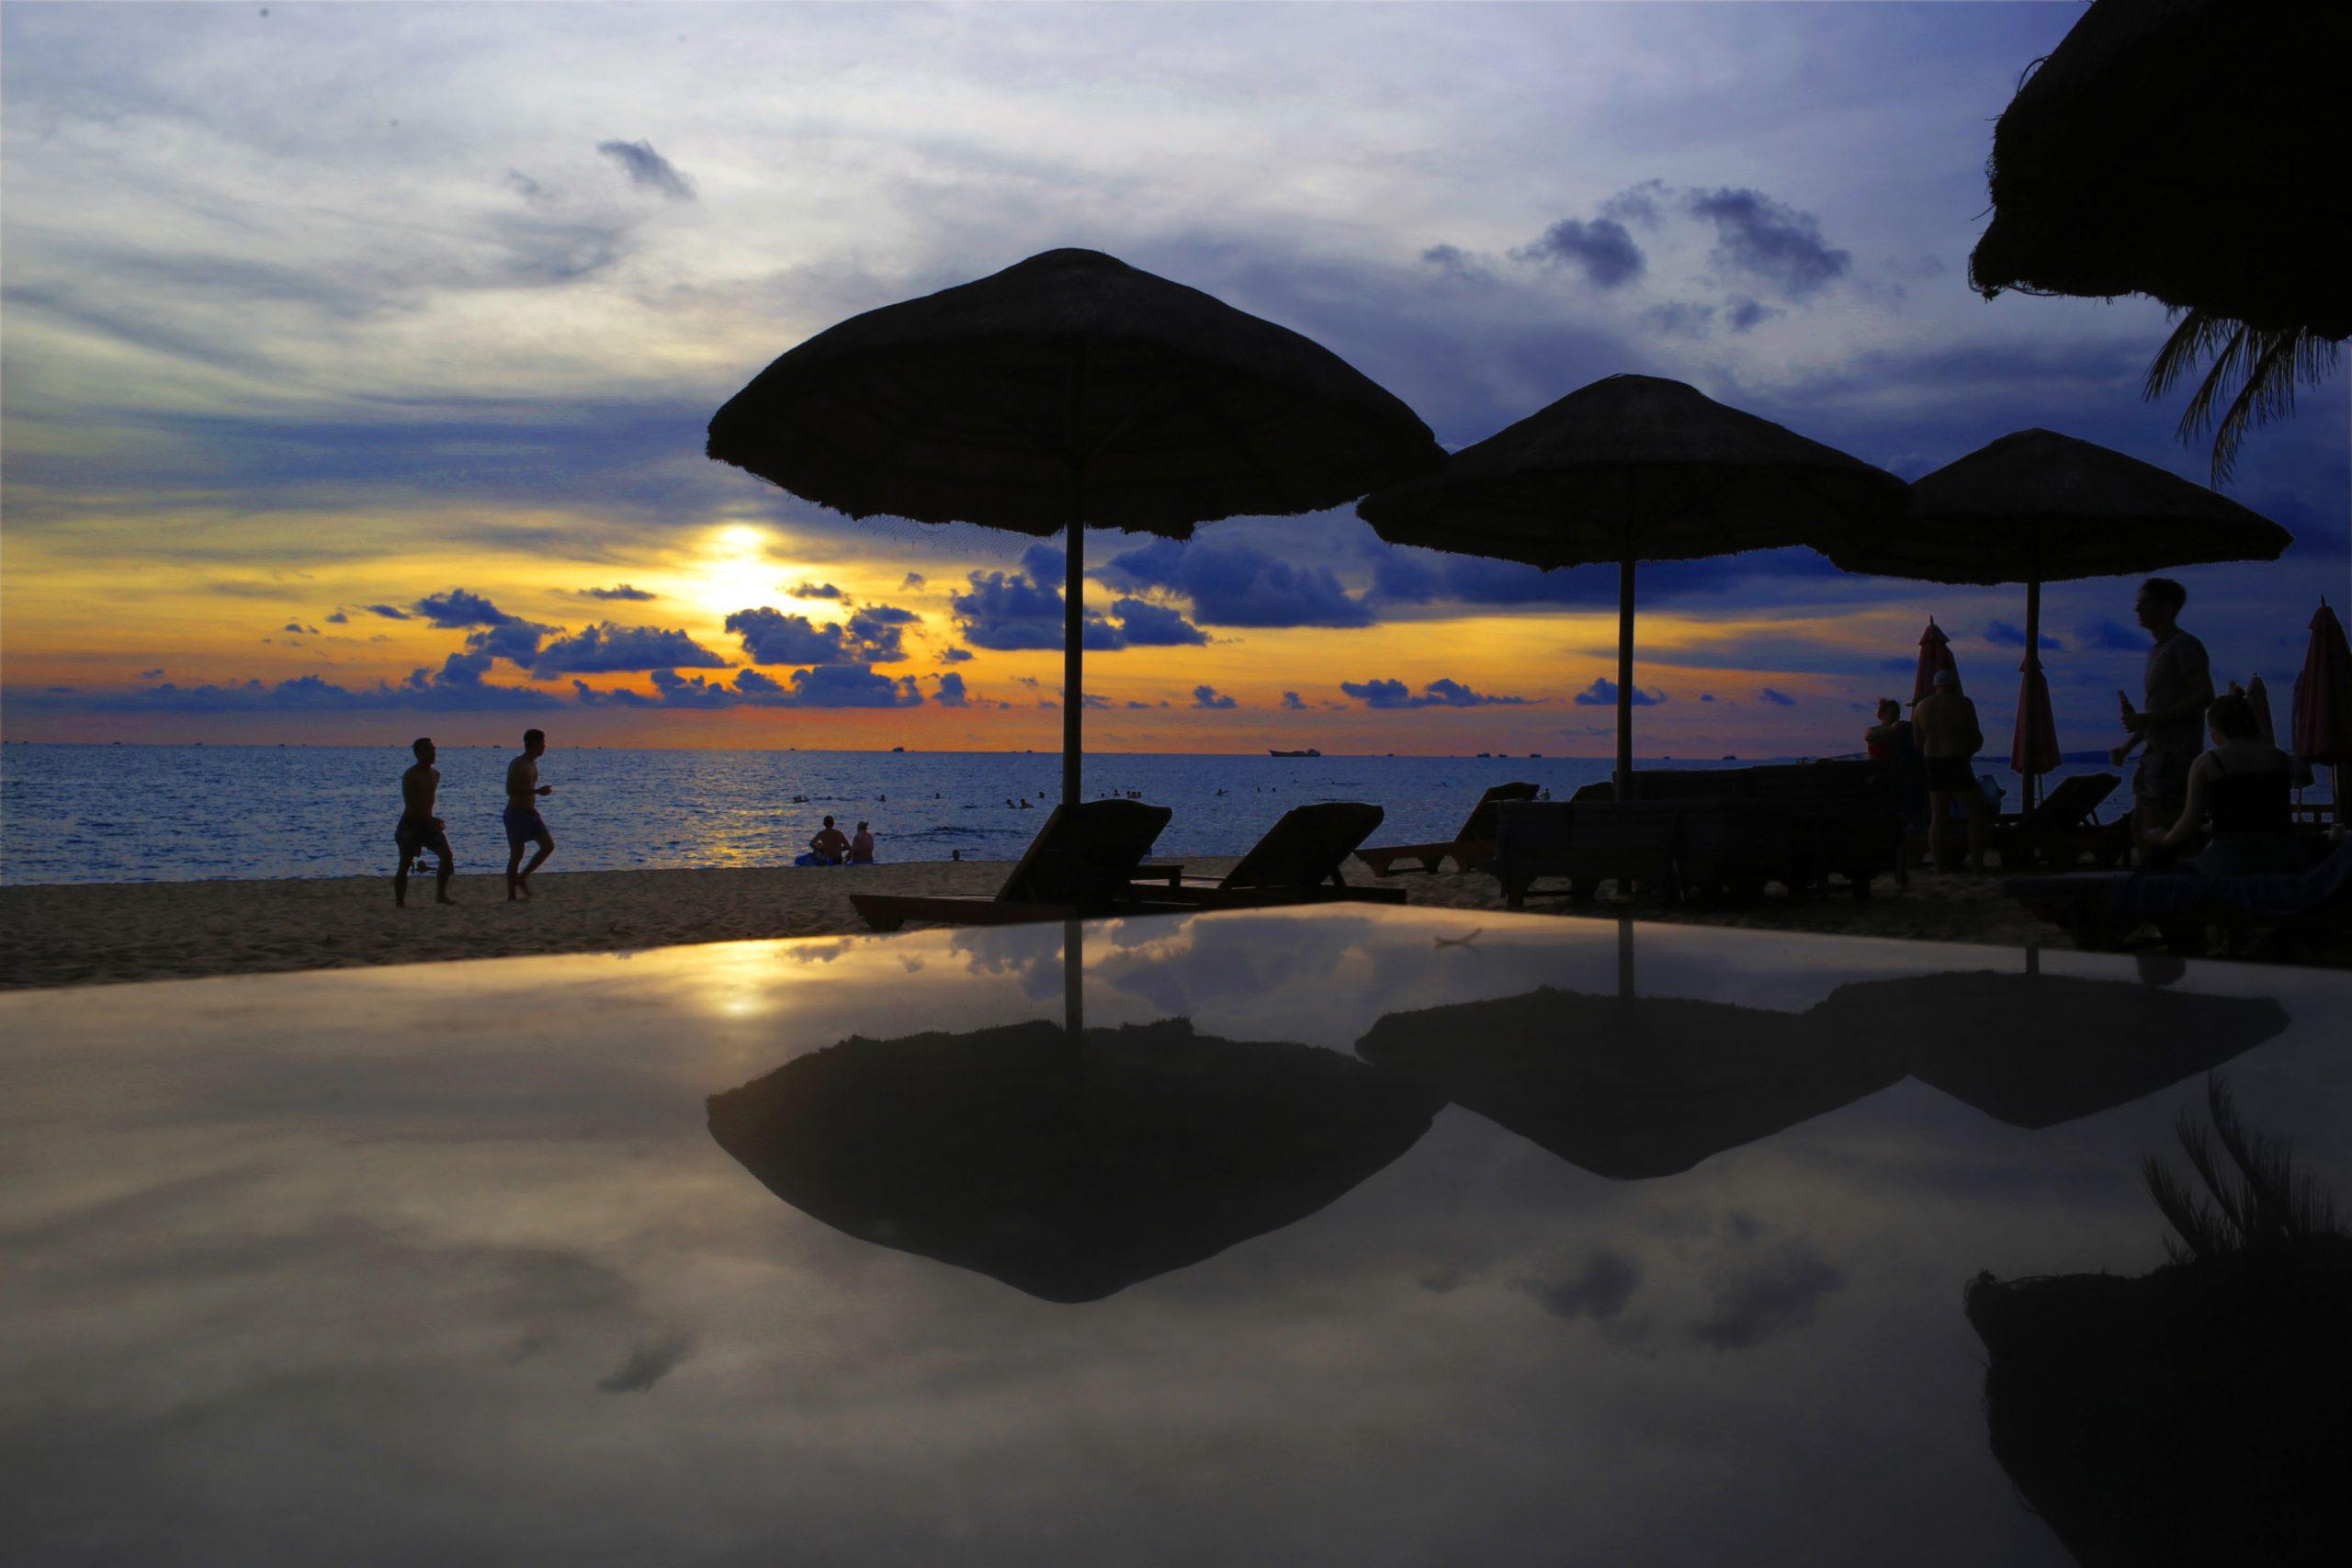 Tropicana là địa điểm dừng chân quen thuộc của cả những vị khách quốc tế